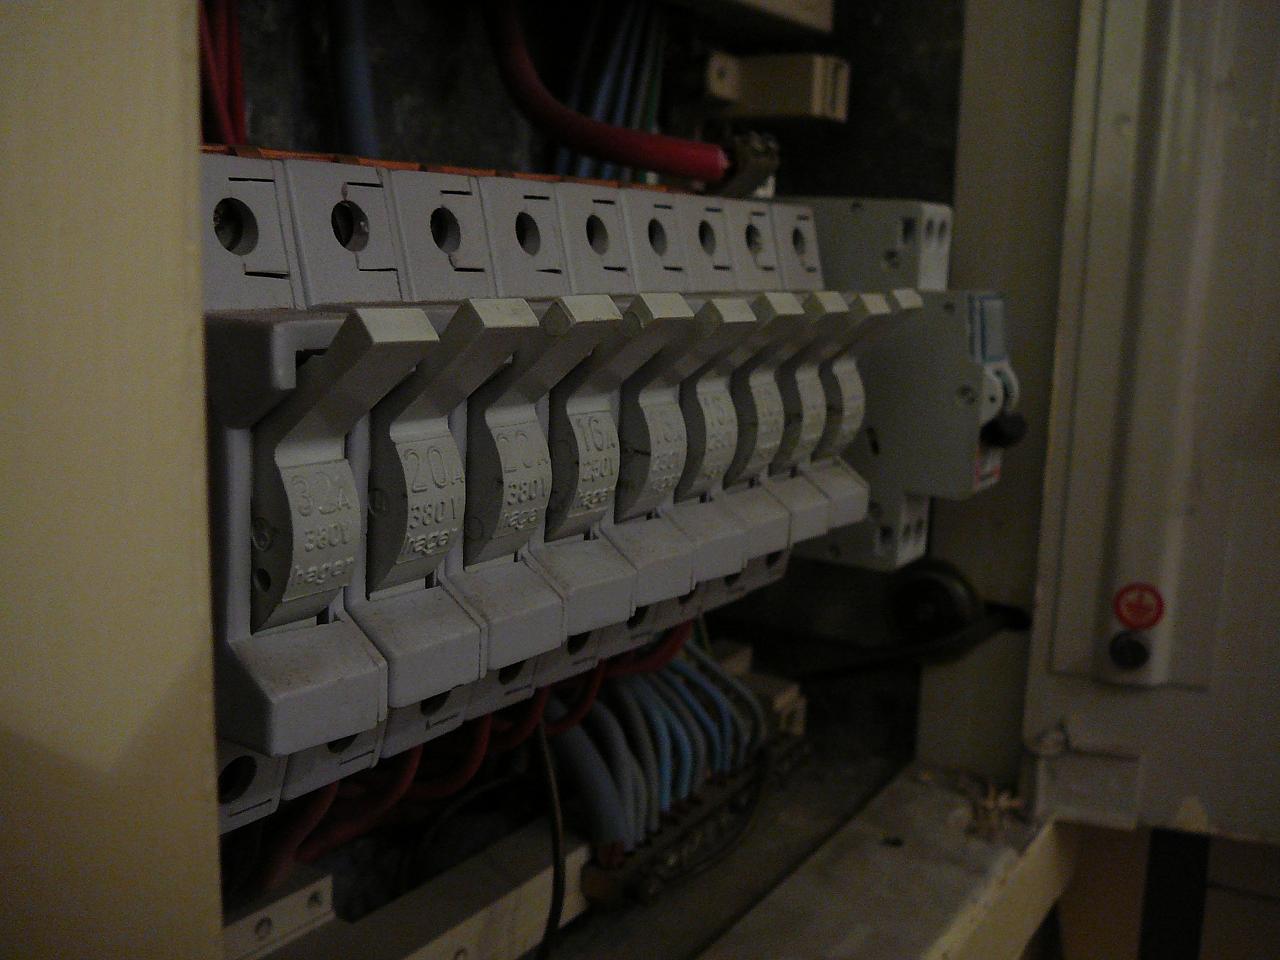 Remplacement portes fusibles par disjoncteurs - Changer fusible disjoncteur ...